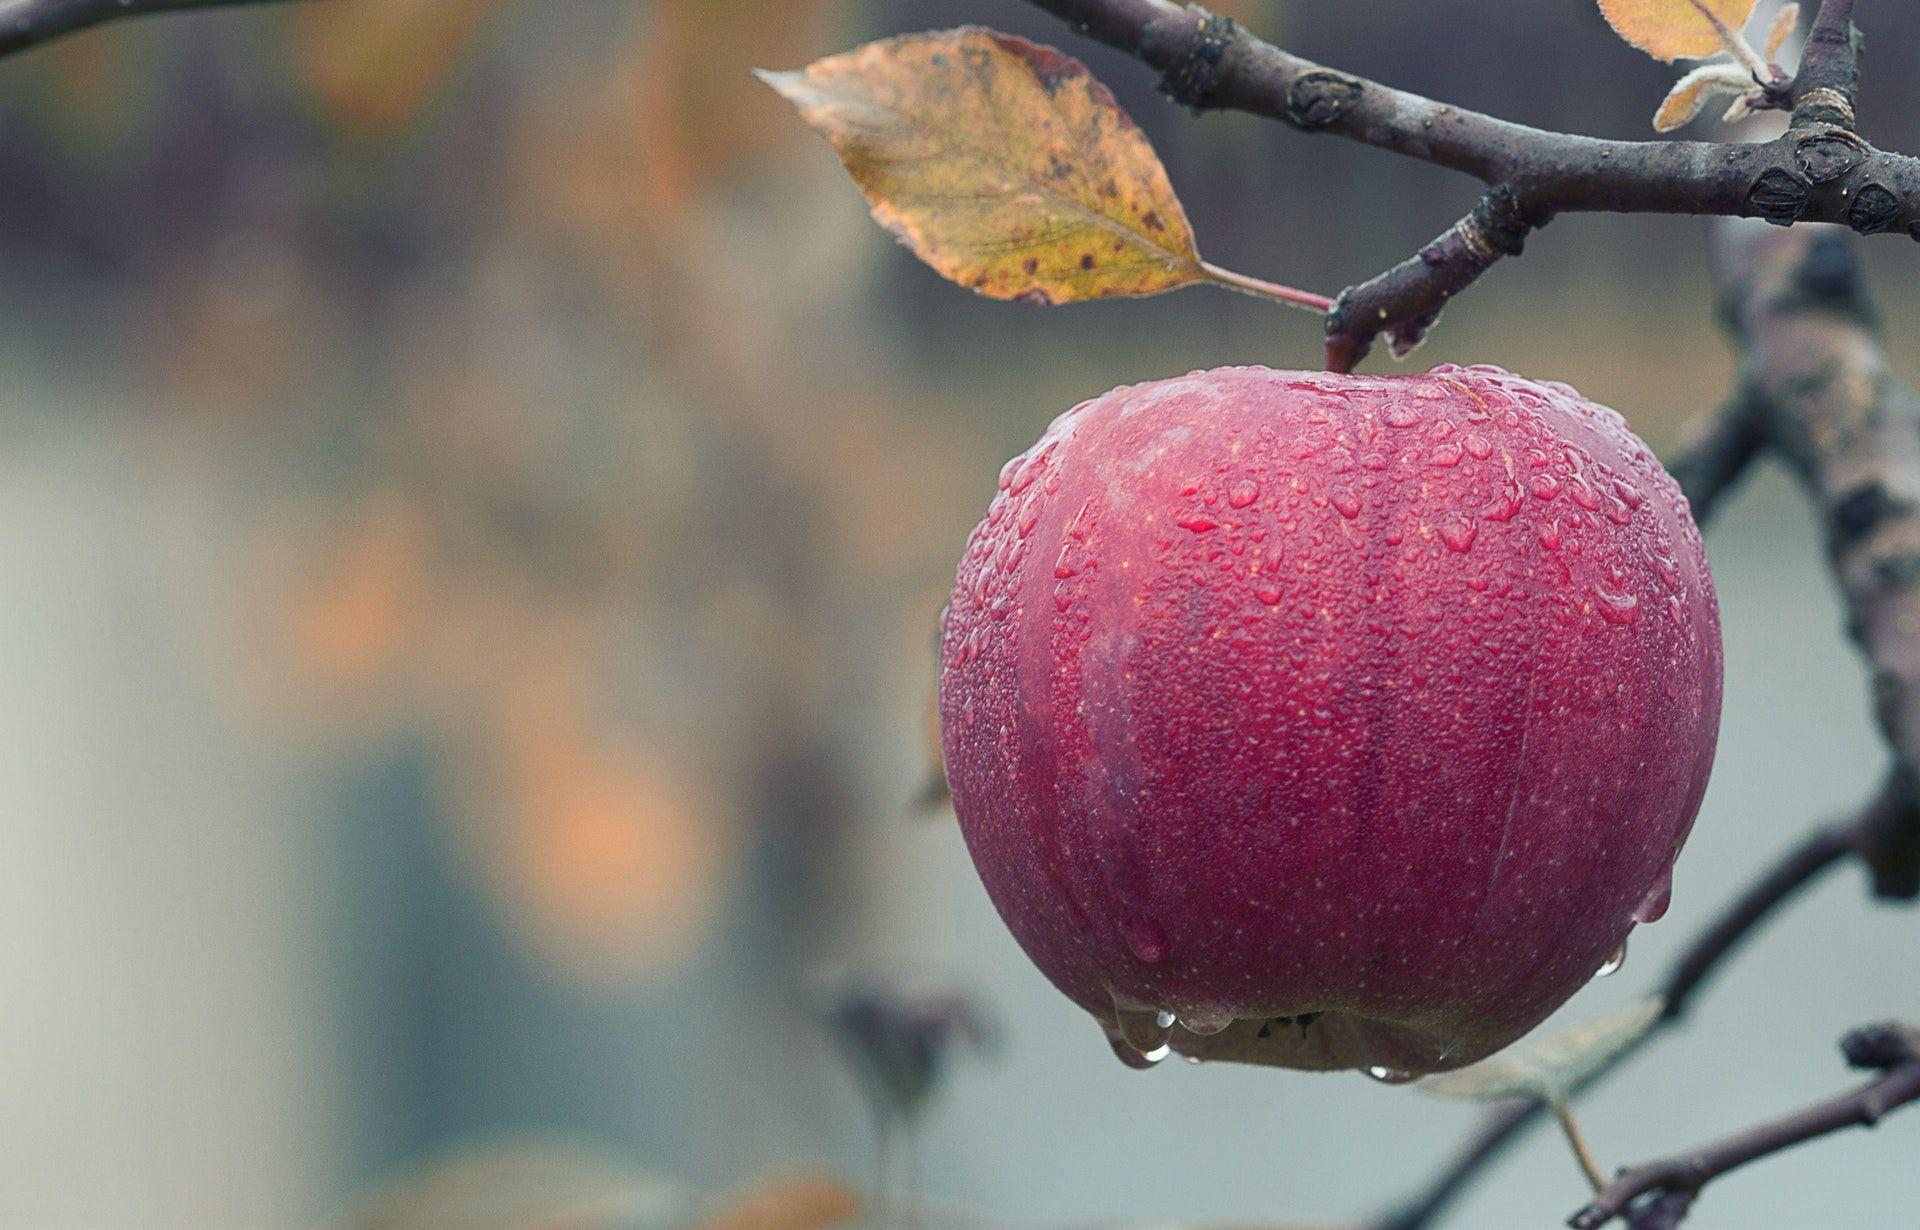 عکس زمینه نمای نزدیک از میوه آویز در درخت پس زمینه